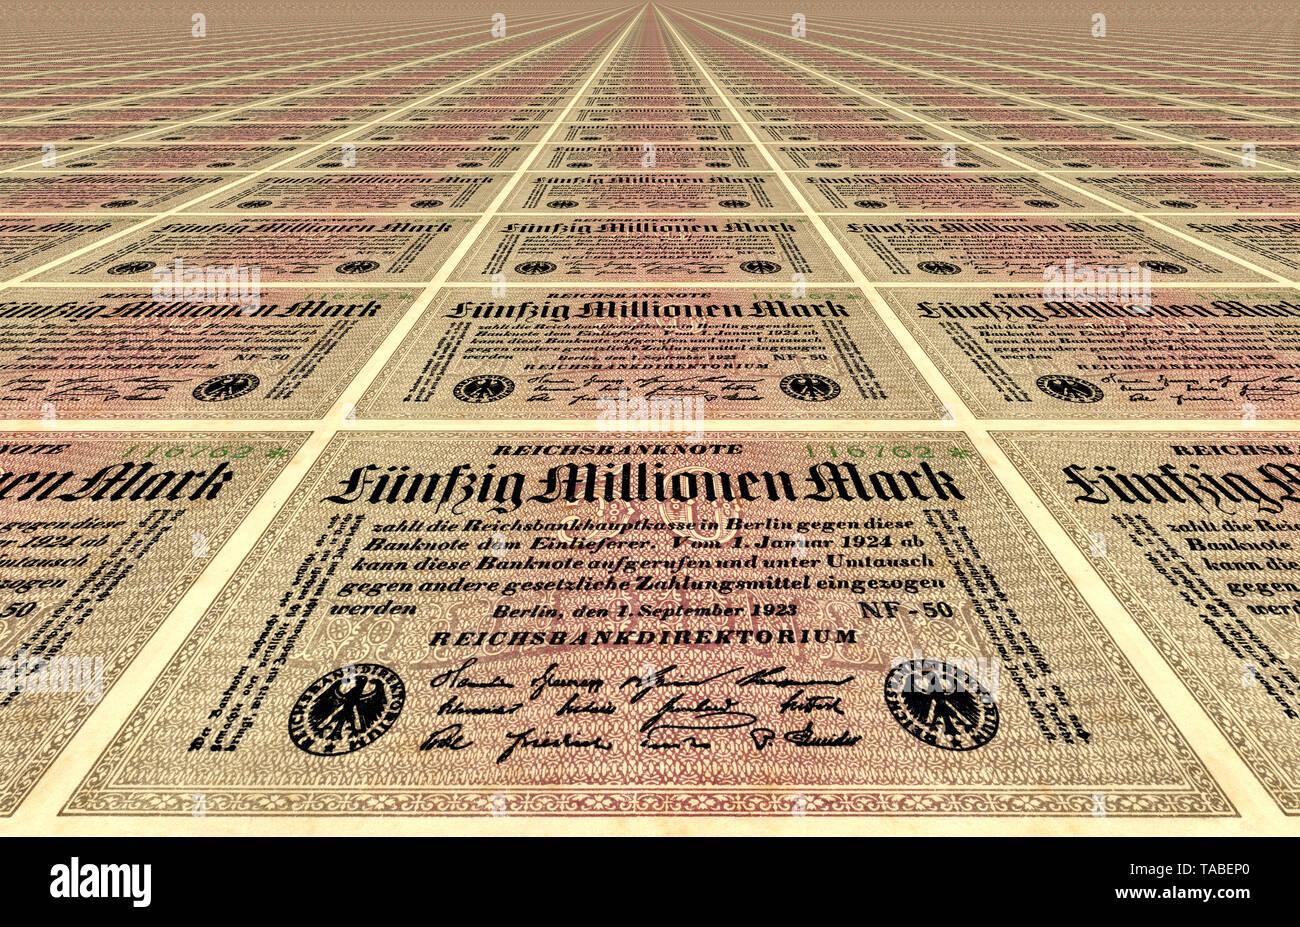 Vor der Reichsbank Banknote, Muster, Vorderseite einer Banknote, perspektivische Wiederholung, Reichsbanknote, 50 Millionen Mark, 1922, Inflationsgeld, Deutschland, Europa Stockbild